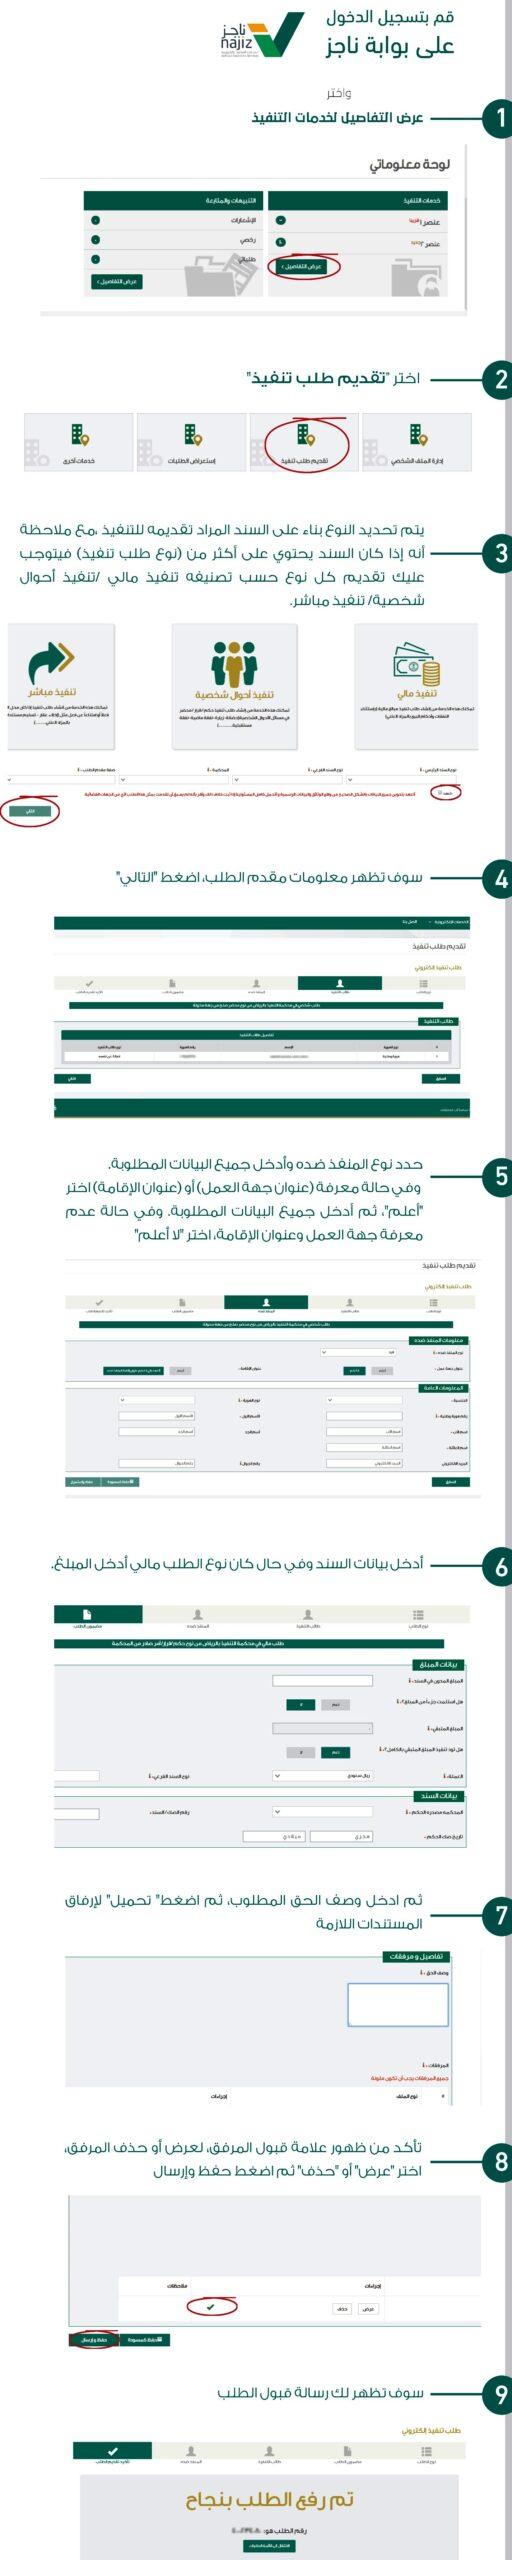 خطوات تقديم طلب التنفيذ الإلكتروني ناجز